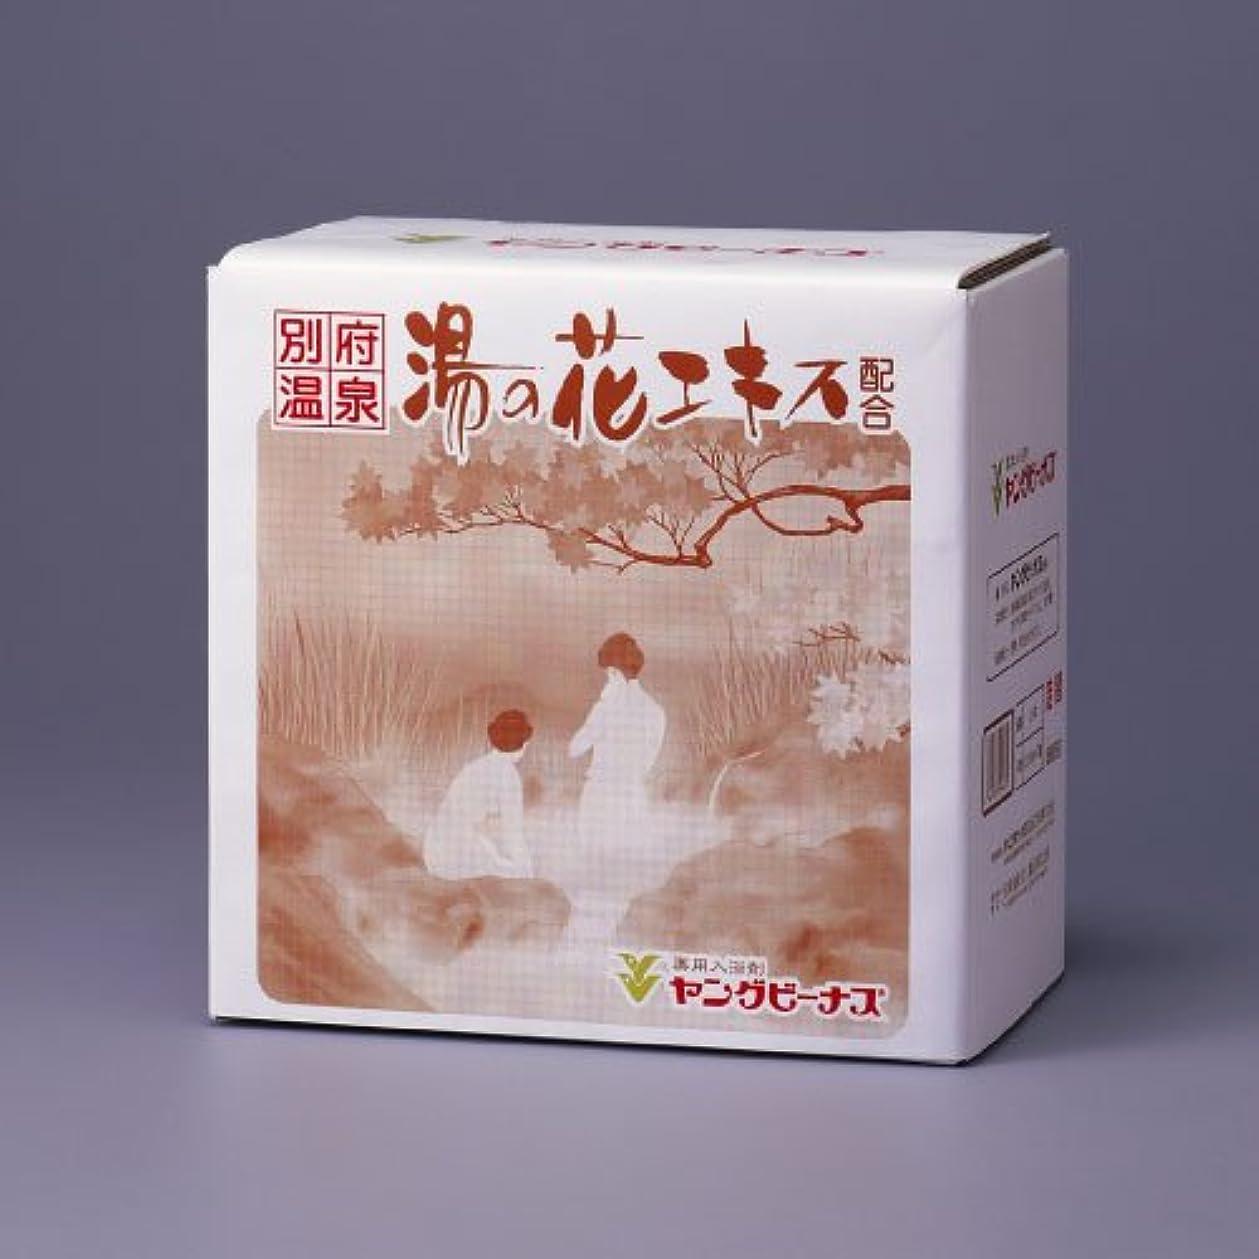 ワードローブクライストチャーチ予防接種する薬用入浴剤ヤングビーナスSv C-60【5.6kg】(詰替2.8kg2袋) [医薬部外品]